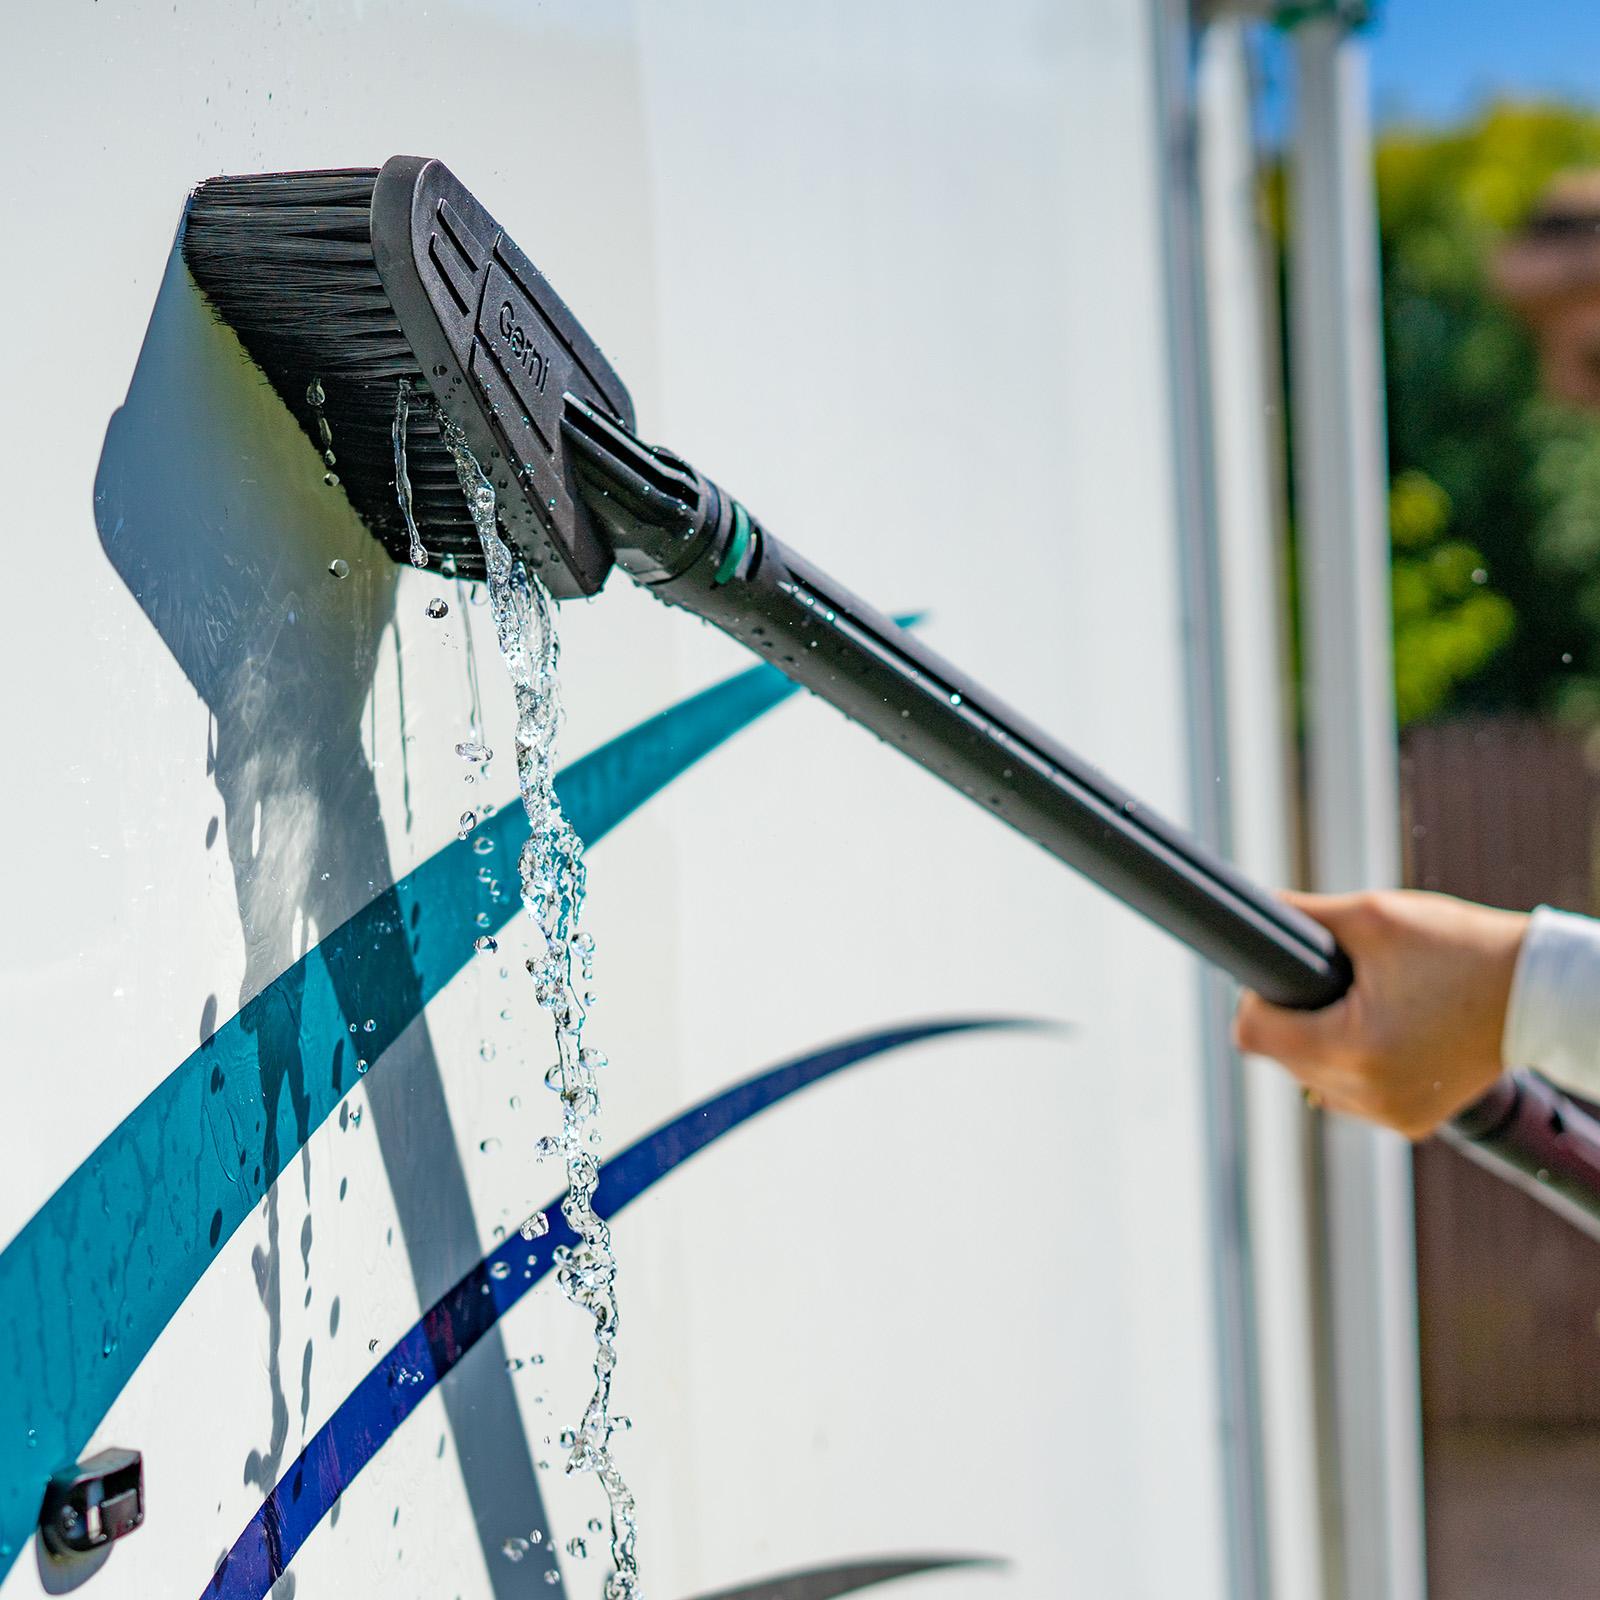 Gerni Wash Brush - Water Clean Caravan